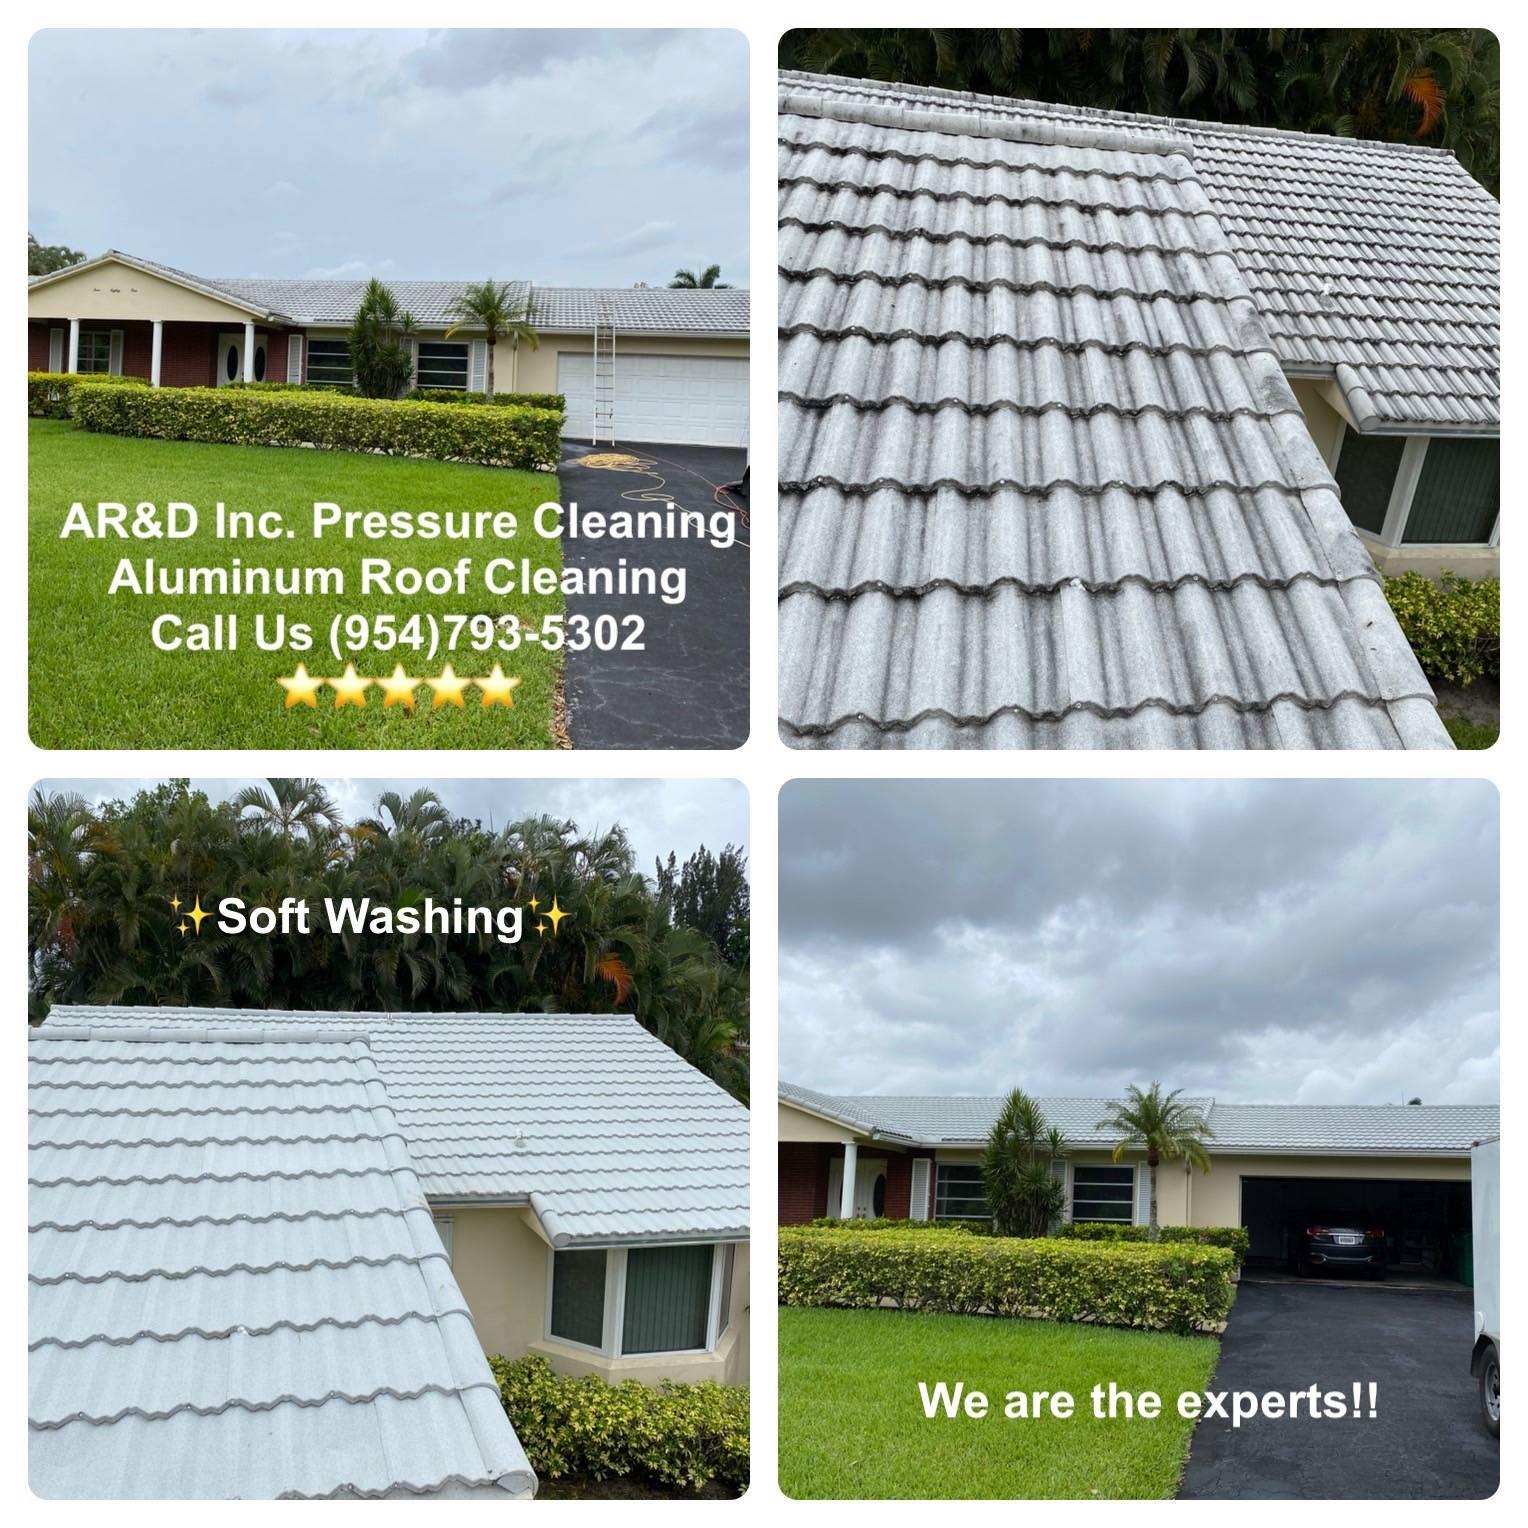 Aluminum Roof Cleaning